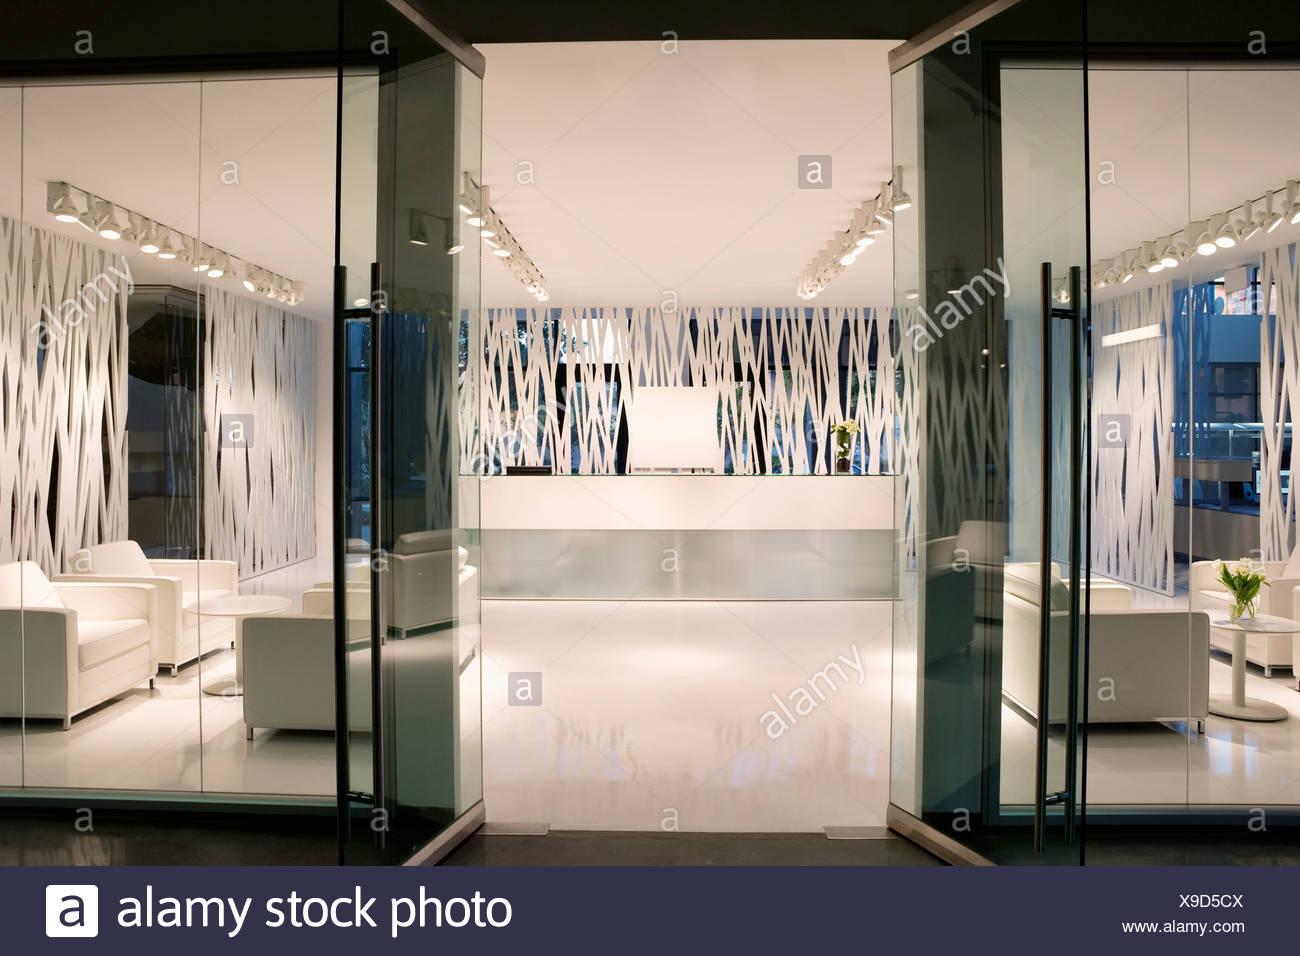 modern office door. Empty, Modern Office Lobby - Stock Image Door E